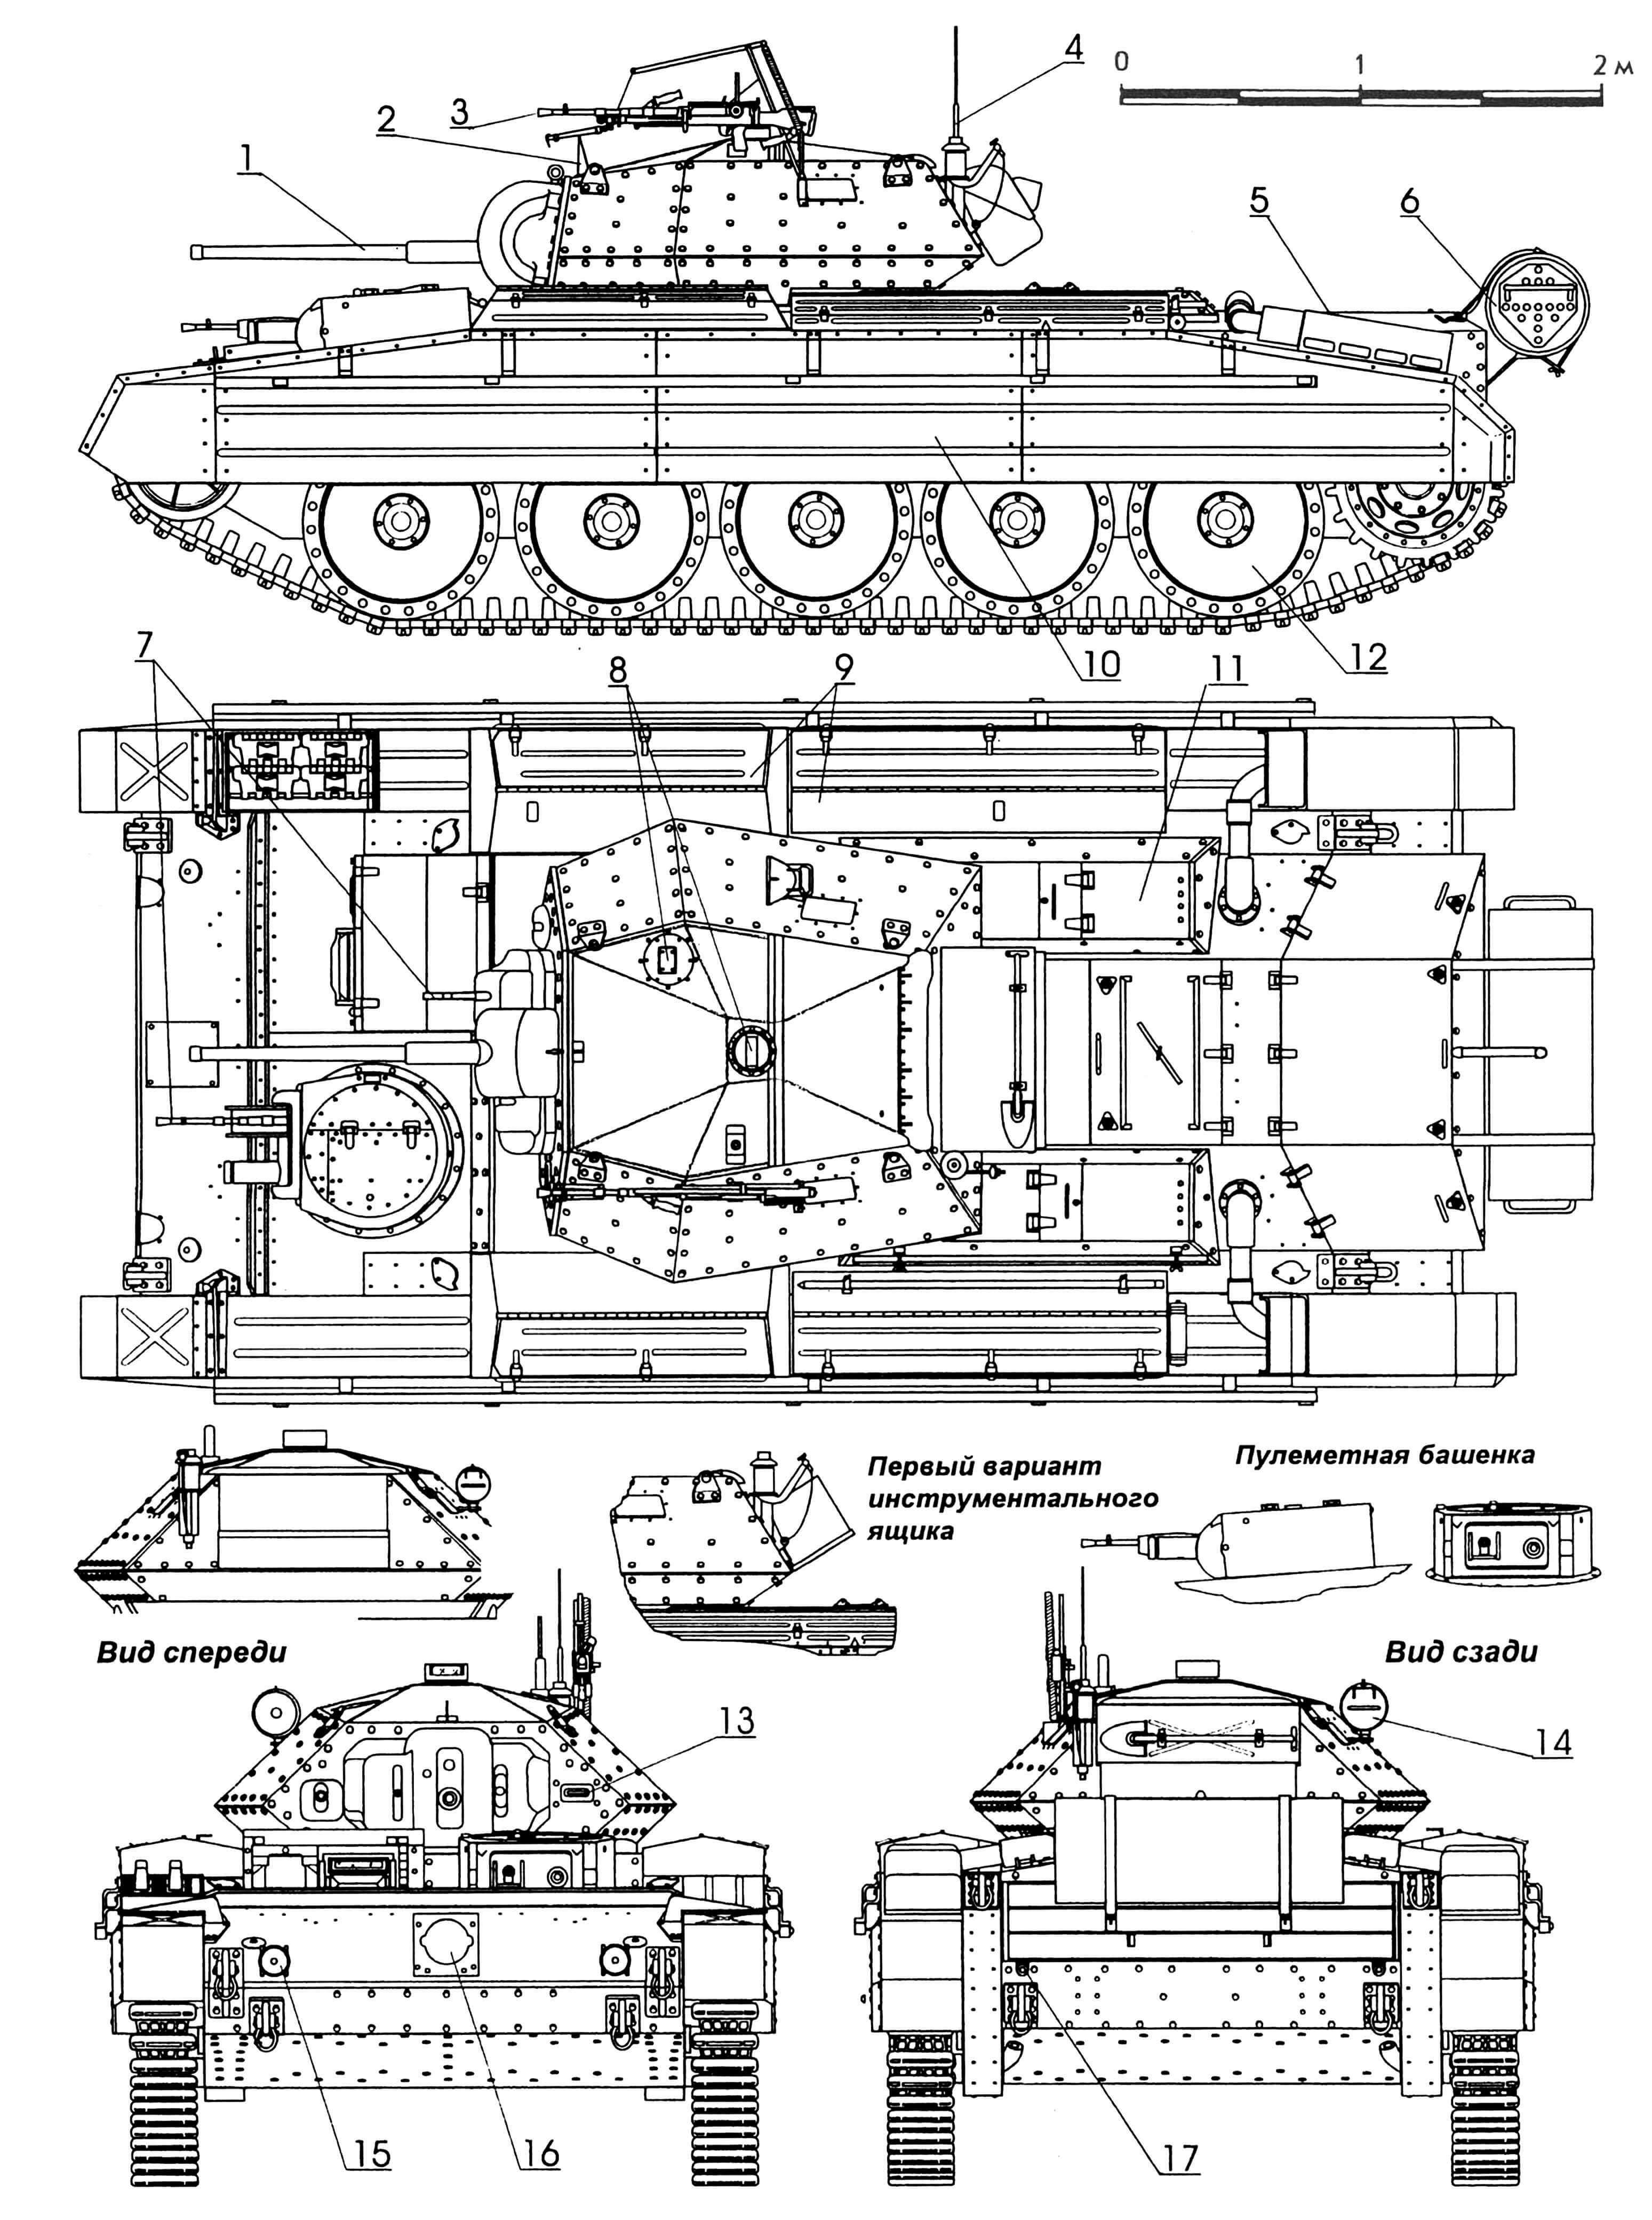 Крейсерский танк «Крусейдер I»: 1 — пушка 2-фунтовая; 2 — визир командирский; 3 — пулемет Bren зенитный; 4 — антенна; 5 — фильтр воздушный; 6 — бак топливный, дополнительный; 7 — пулеметы Besa; 8 — приборы наблюдения перископические; 9 — ящики ЗИП; 10 — фальшборт; 11 — колпак над воздухозаборником; 12 — каток с защитным щитком, опорный; 13 — щель смотровая; 14 — прожектор; 15 — фонарь габаритный, передний; 16 — фара; 17 — фонарь габаритный, задний.